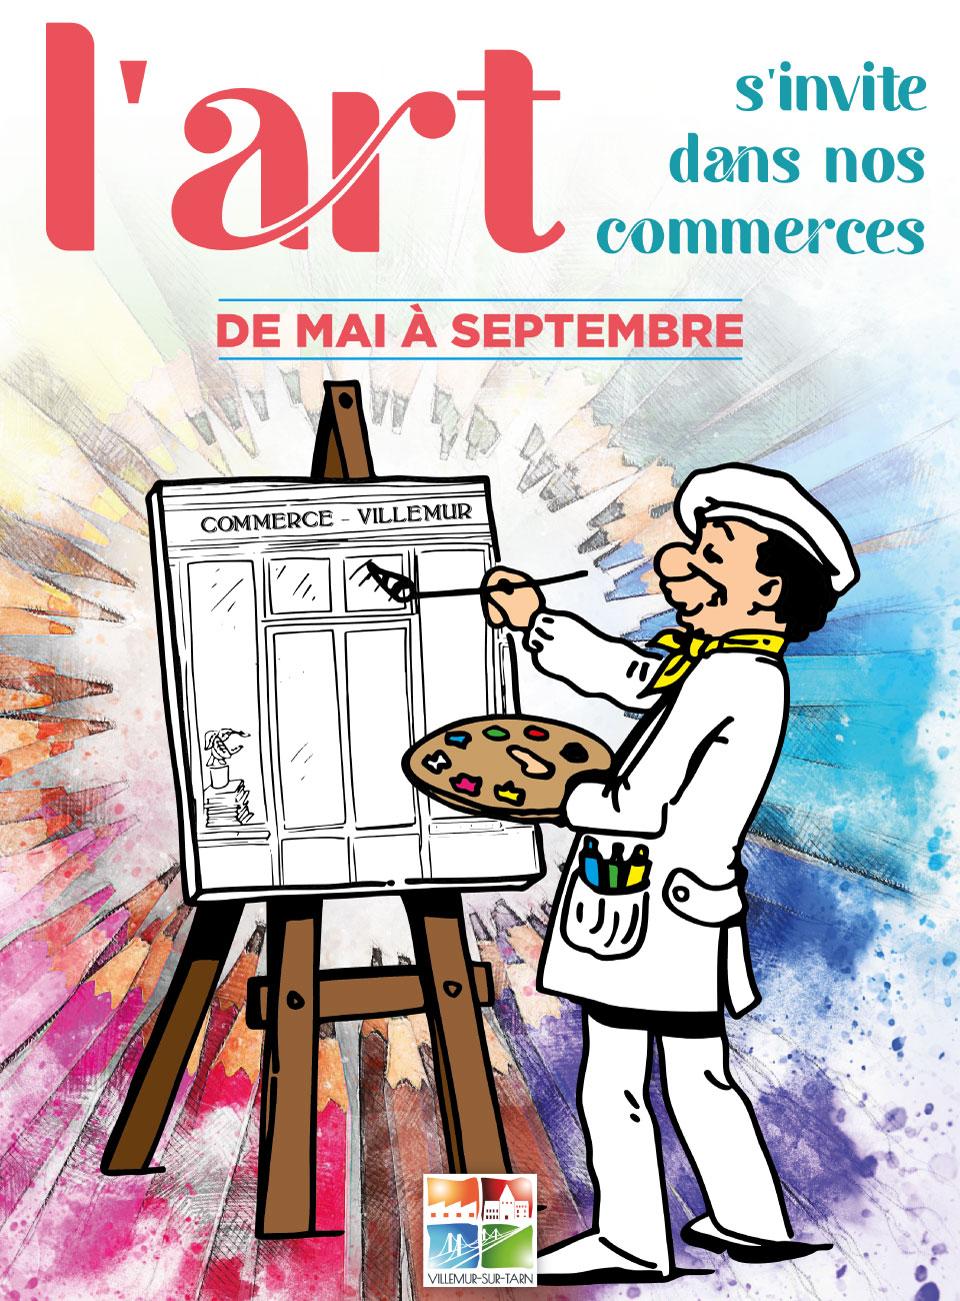 «L'art s'invite dans nos commerces»: c'est parti!